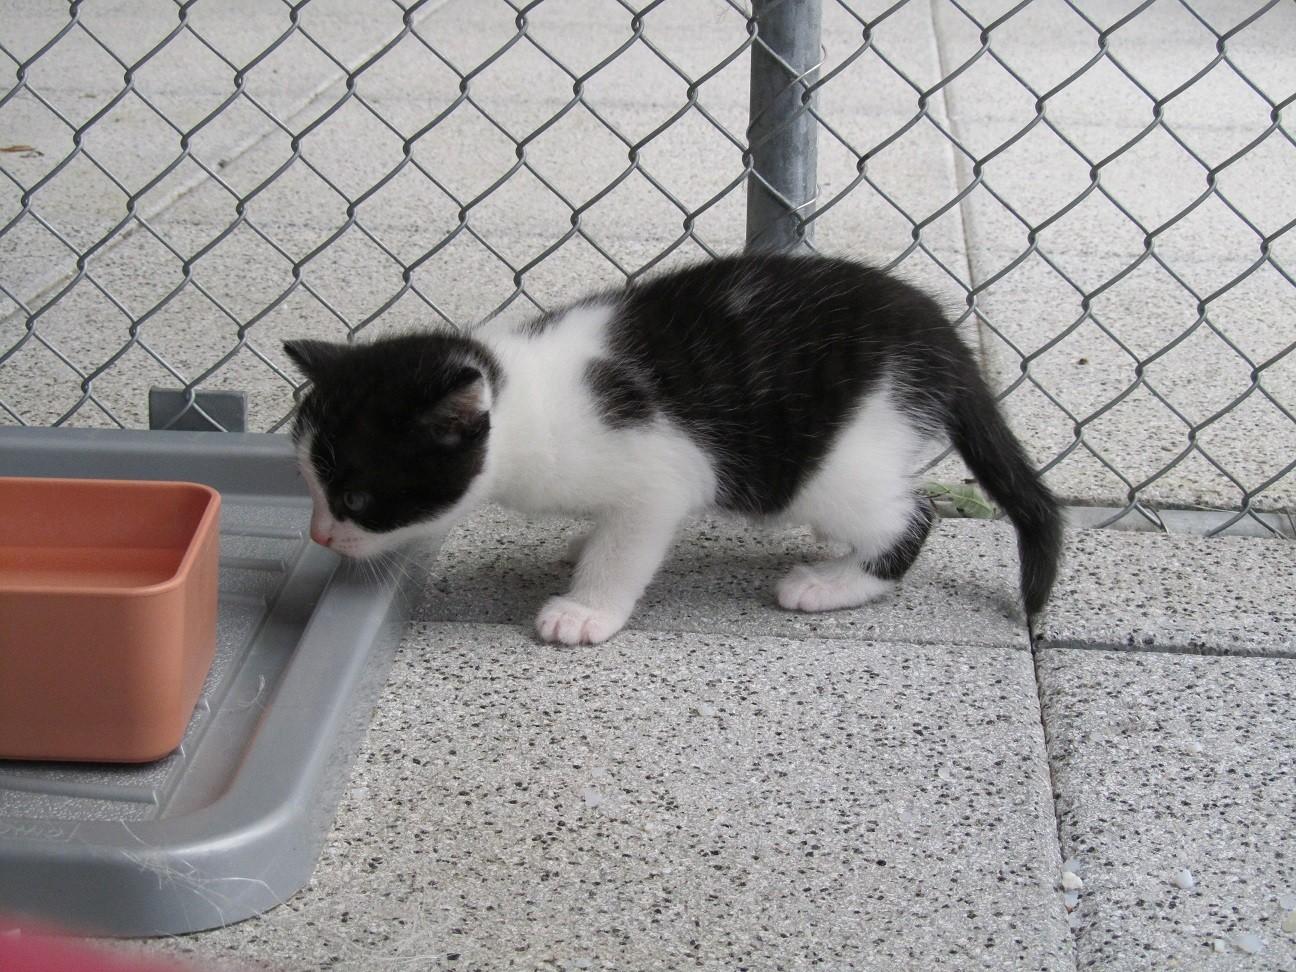 Karli (eigentlich Dalkar = Dalmatiner Kater, wegen der Punkte), lebt auf dem Tannenboden in der Gruppe der eigenen Katzen